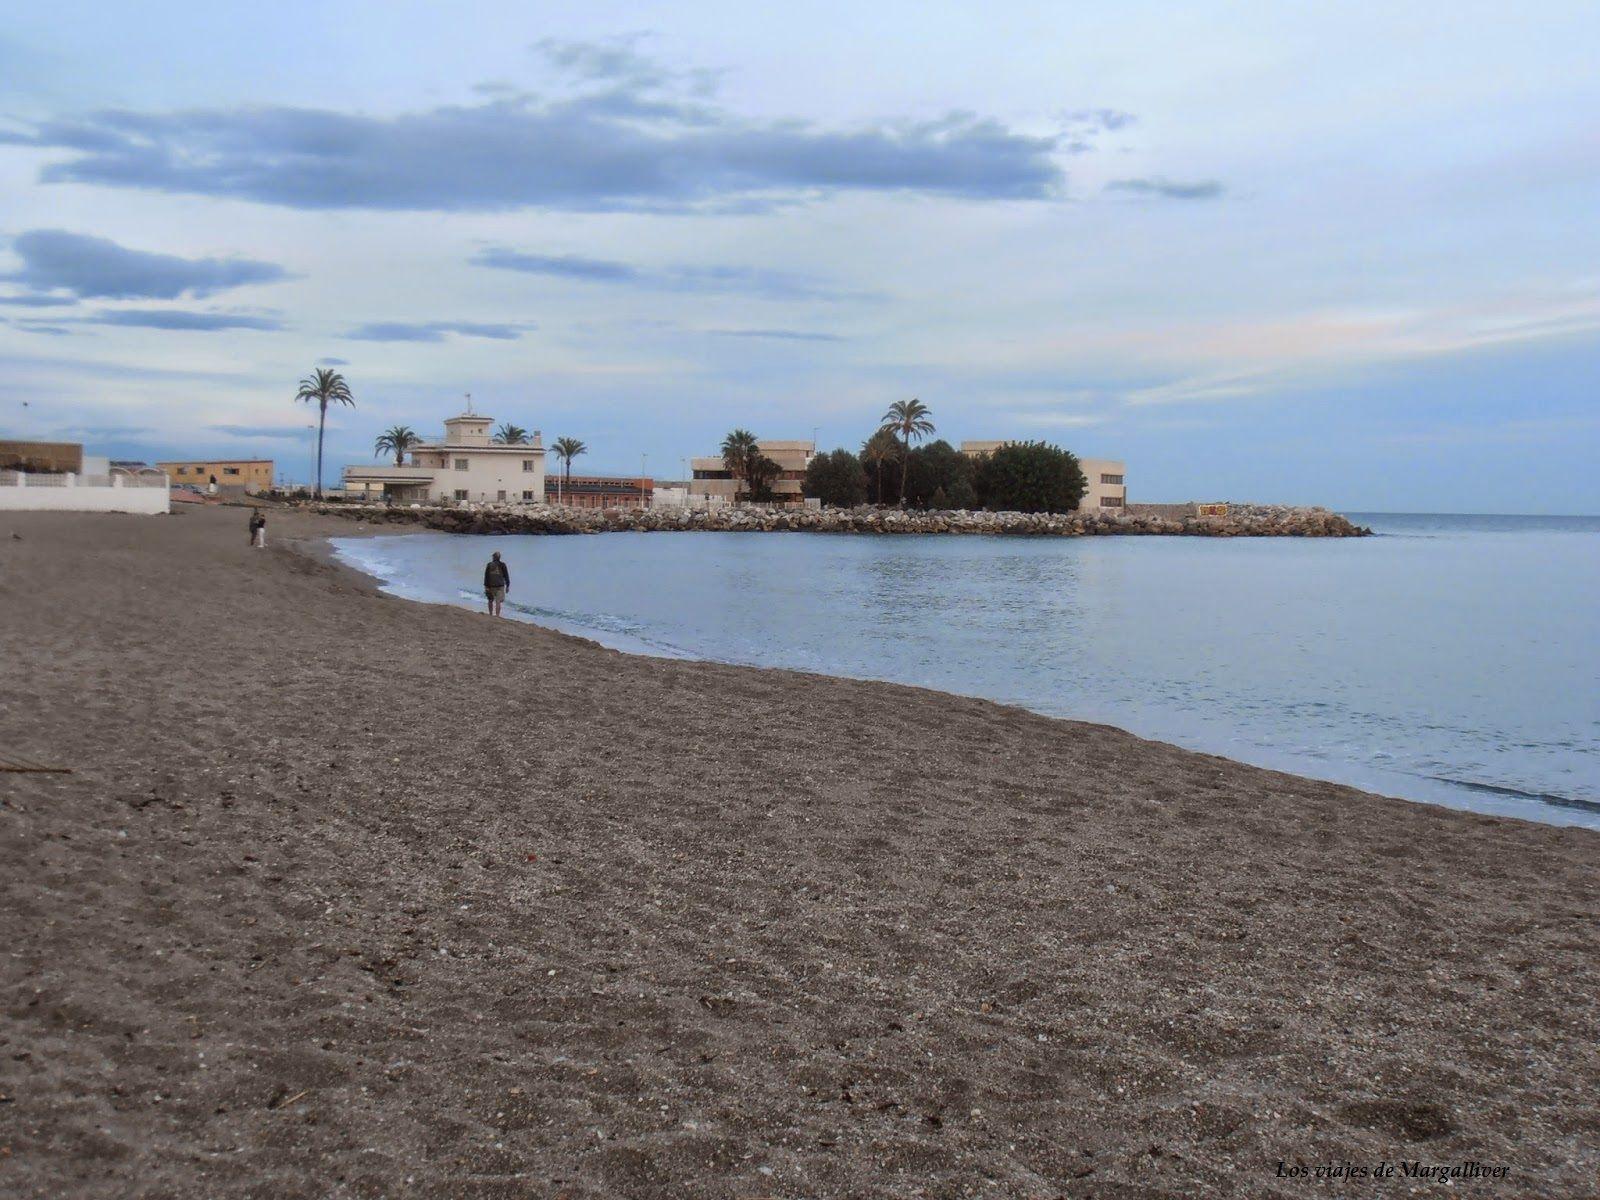 Playa de Fuengirola- Los viajes de Margalliver